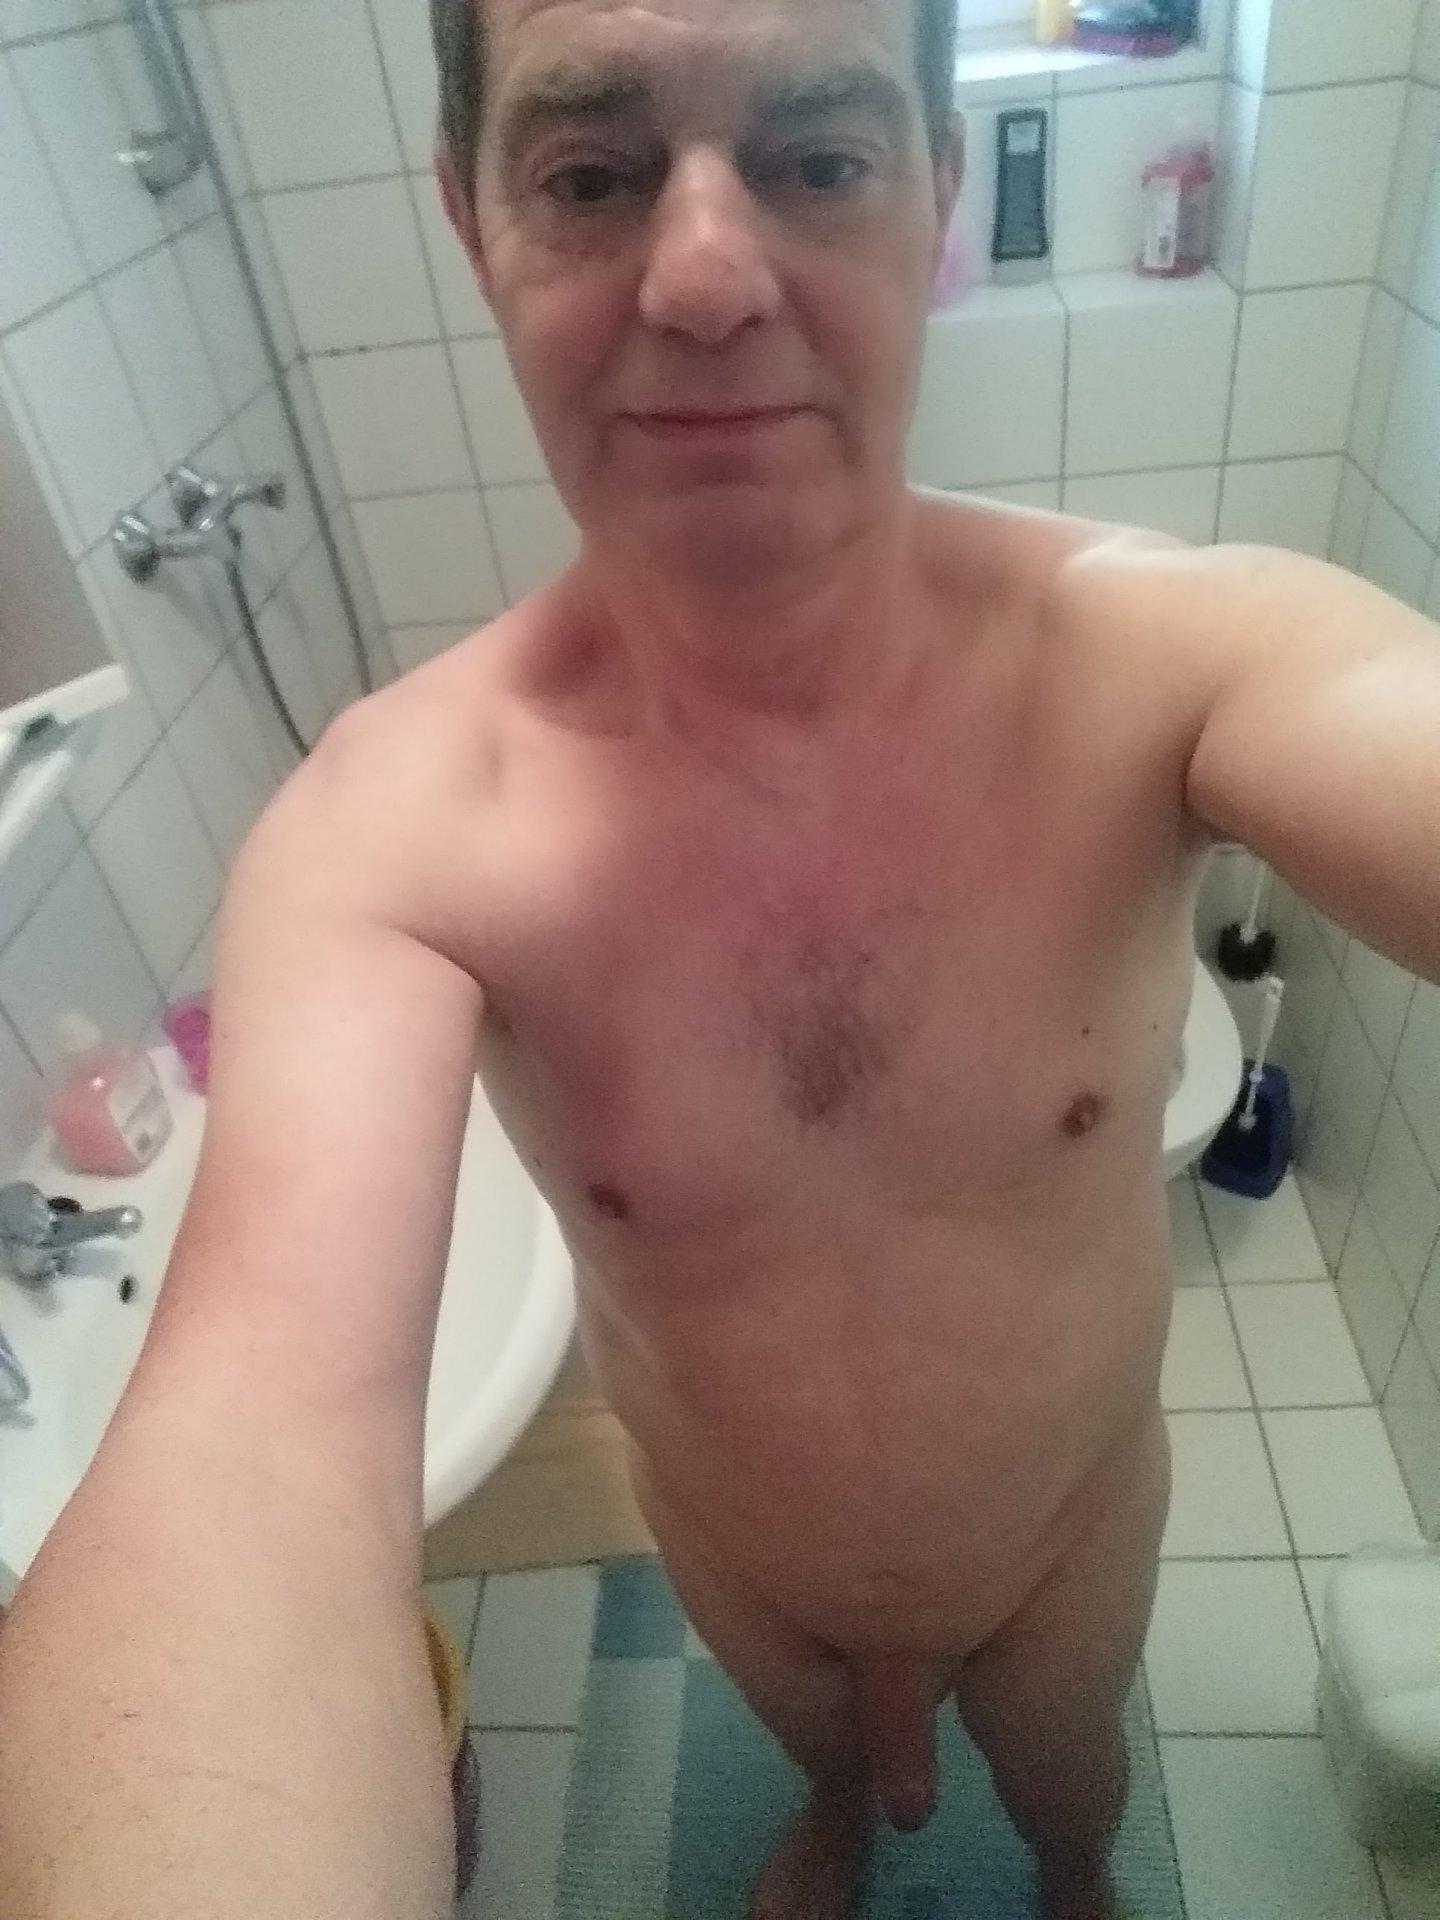 peter3399 aus Nordrhein-Westfalen,Deutschland